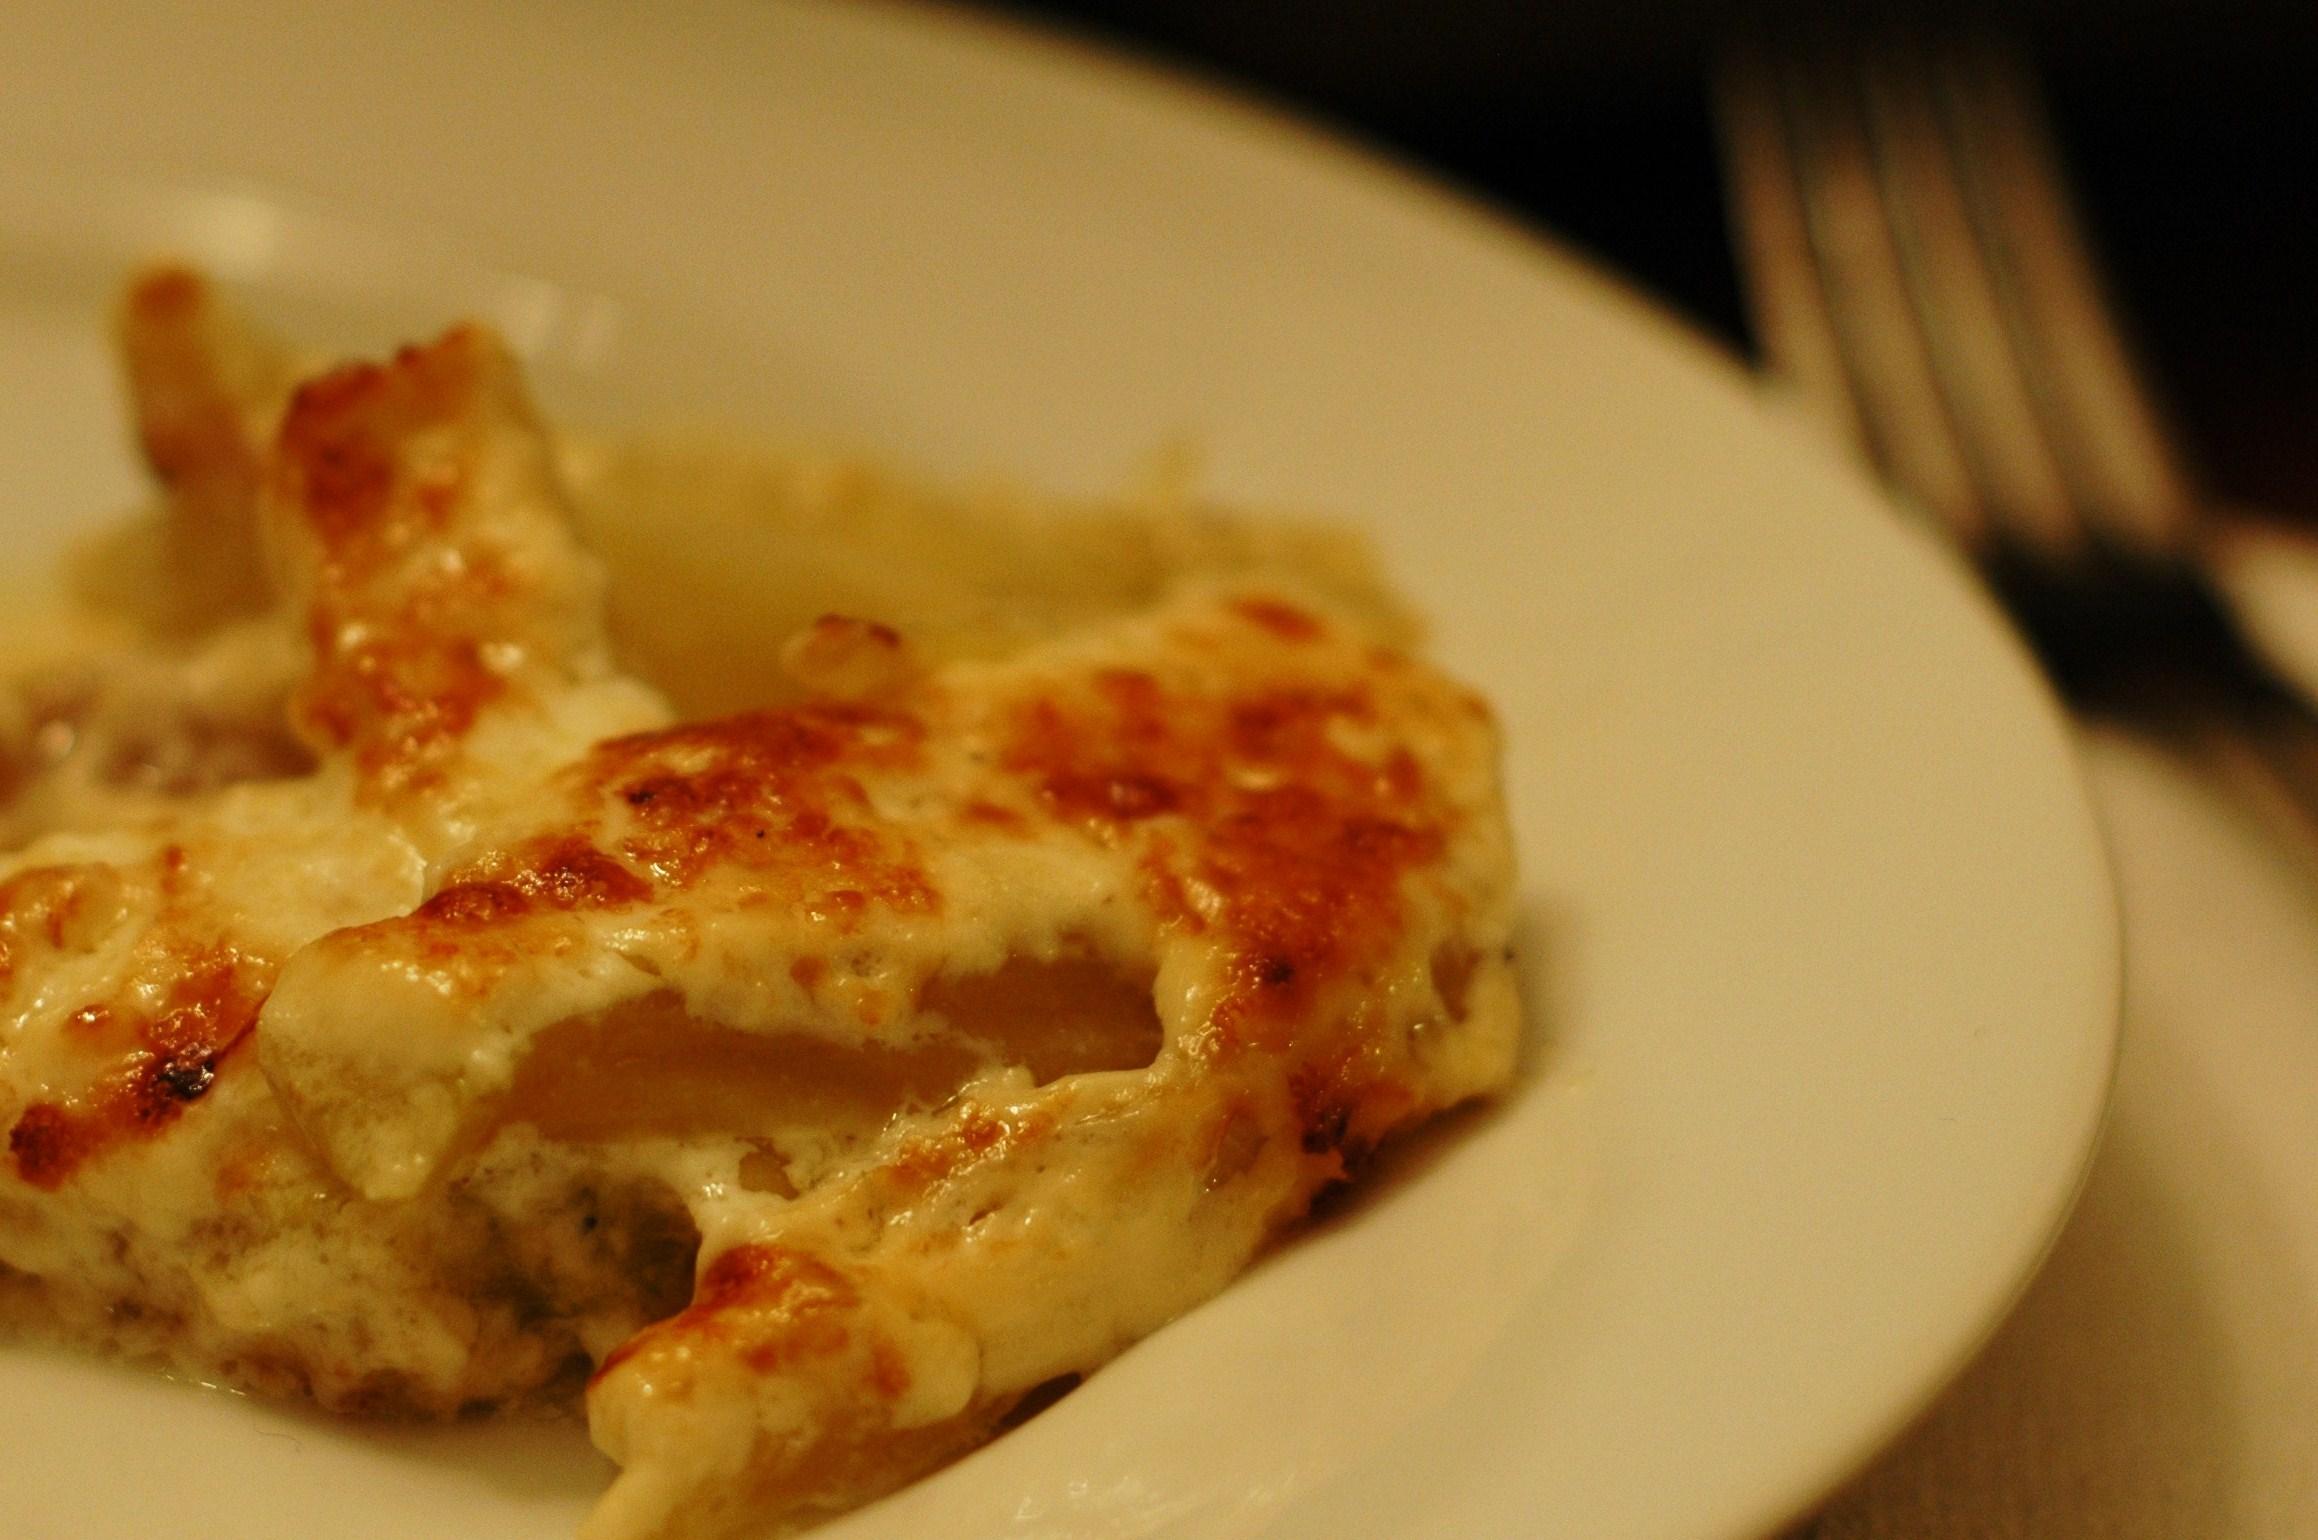 Finocchio al Forno (Fennel Baked in Cream) - but i'm hungry